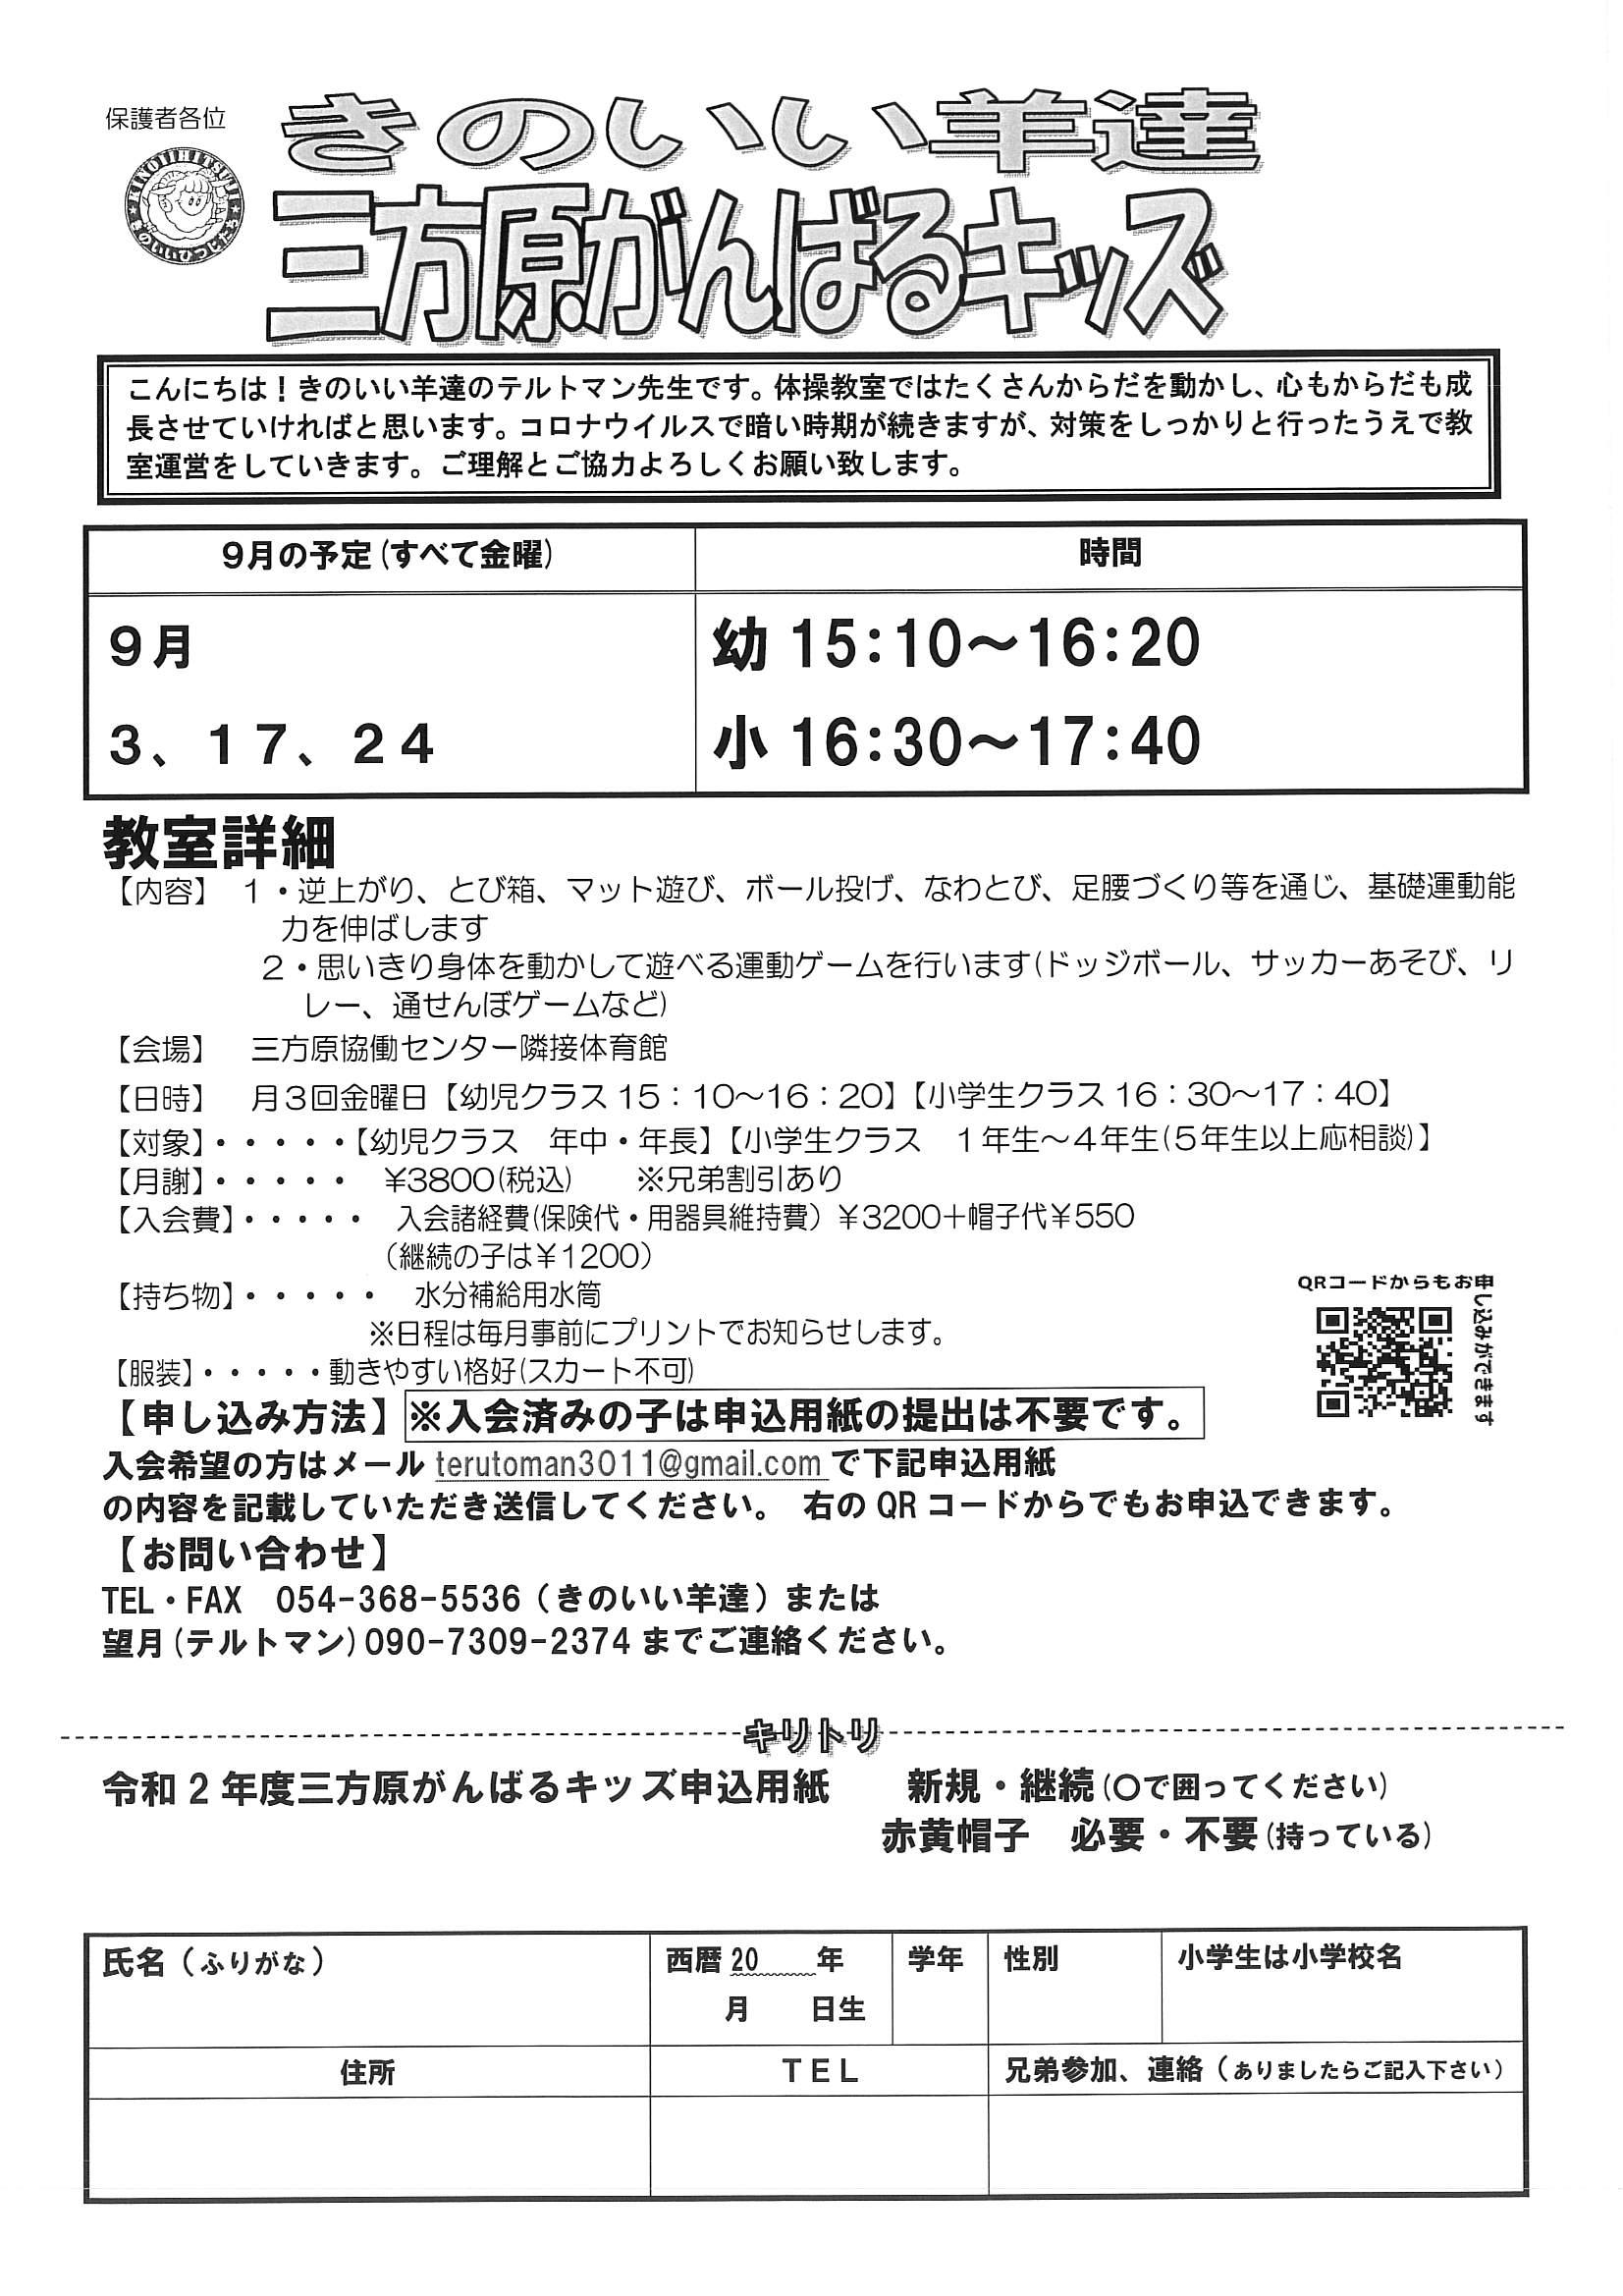 浜松 三方原教室